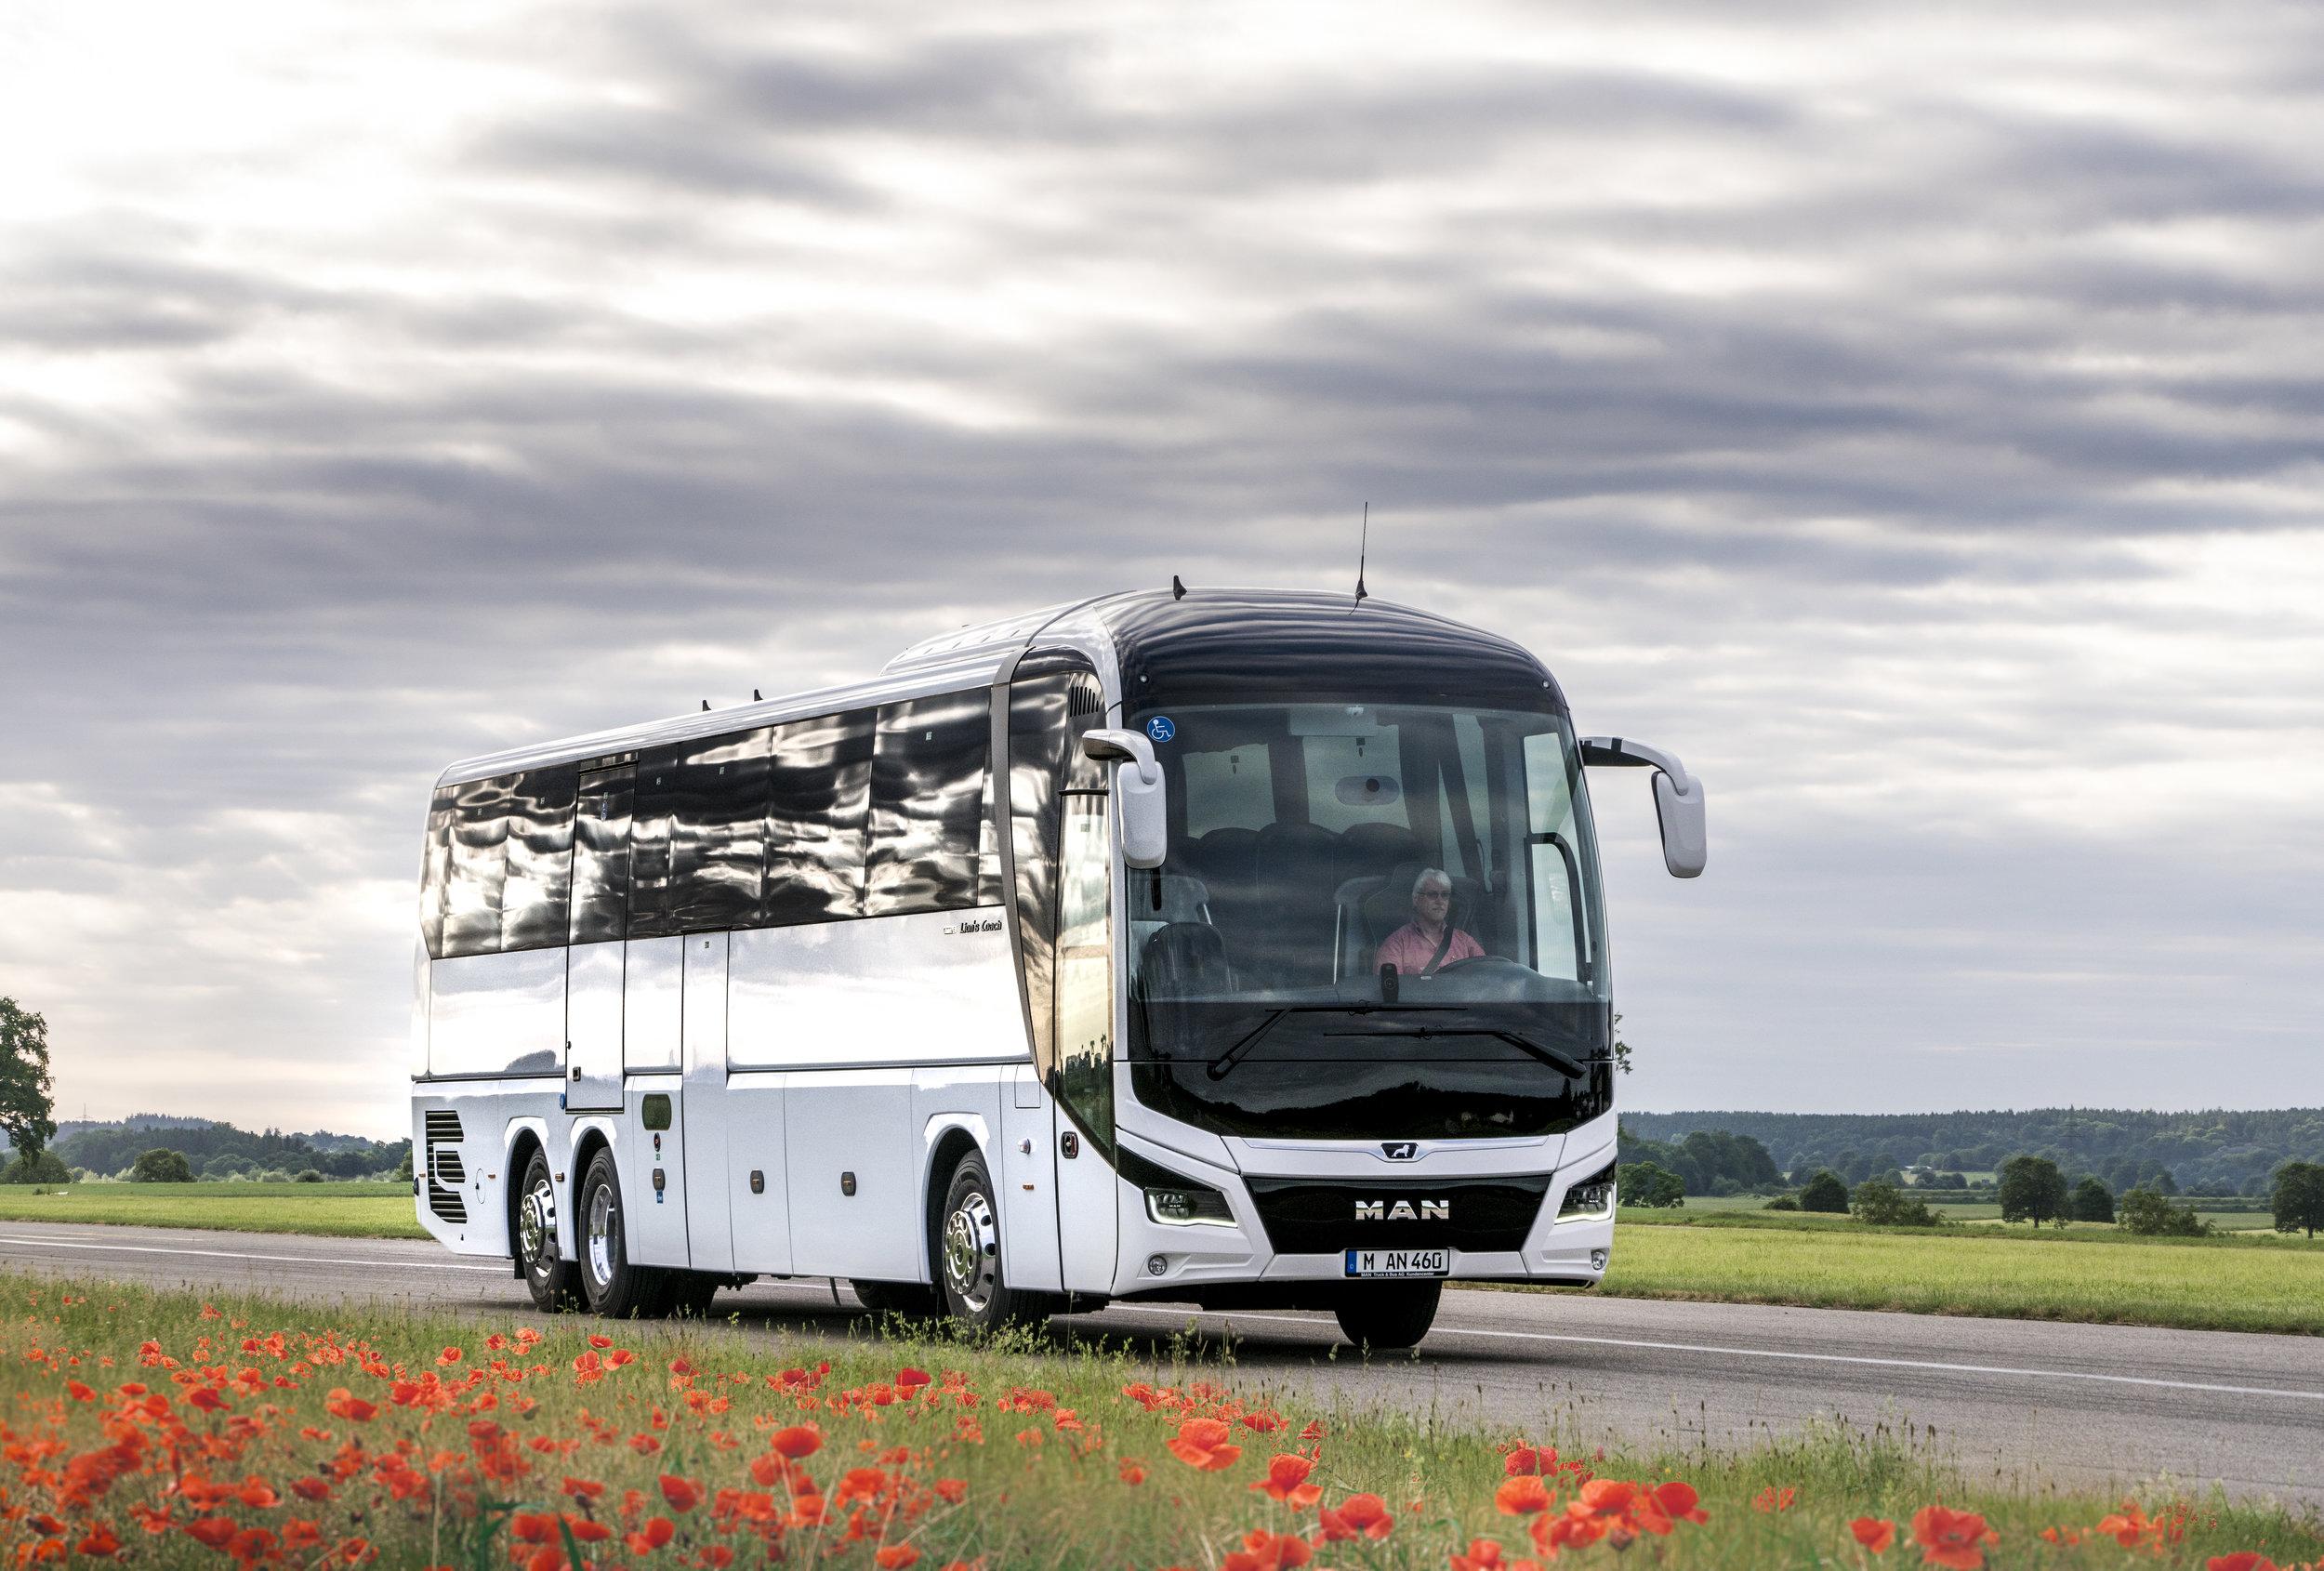 Nový MAN Lion's Coach je prvním z vozidel, u nějž jsou použity nové charakteristické znaky designu značky. (foto: MAN Truck & Bus)